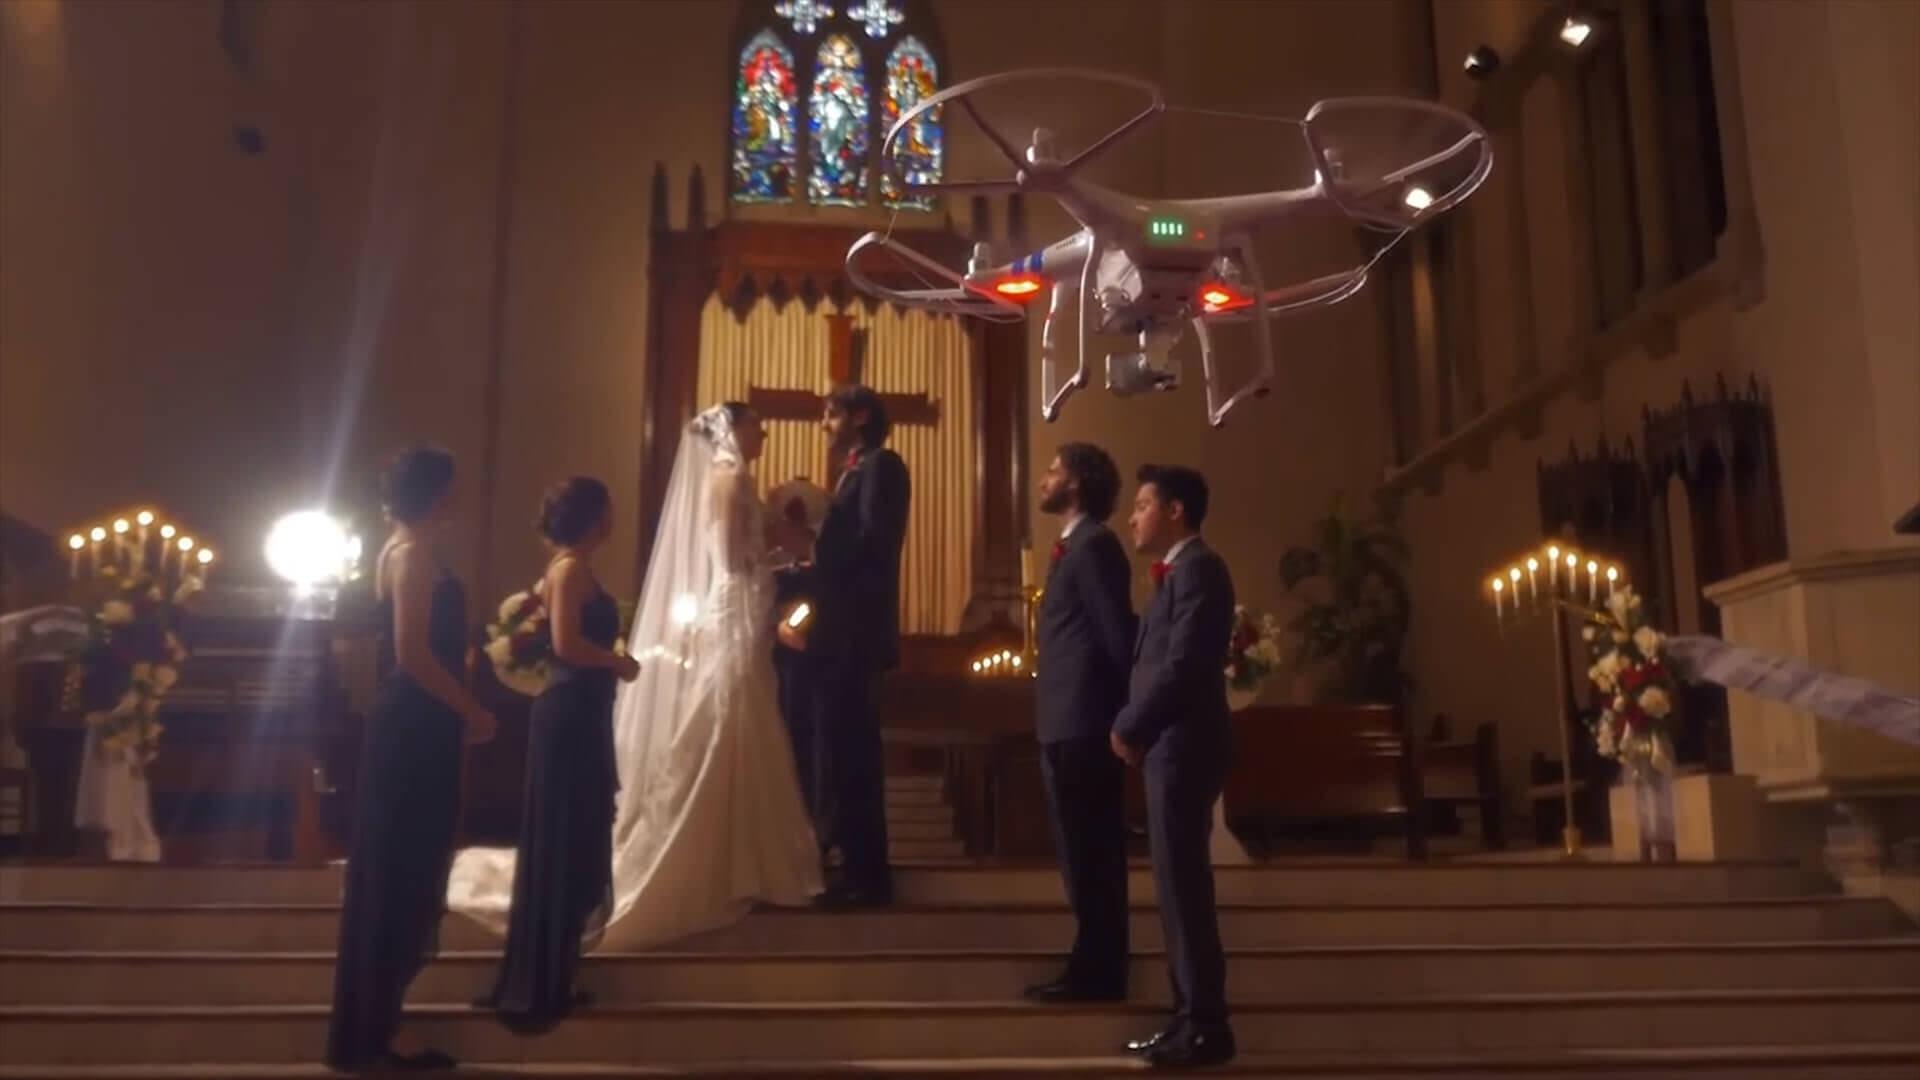 DJIのドローンPhantom 3を使ったウェディングムービーに「本当の音」をあてた映像が面白い